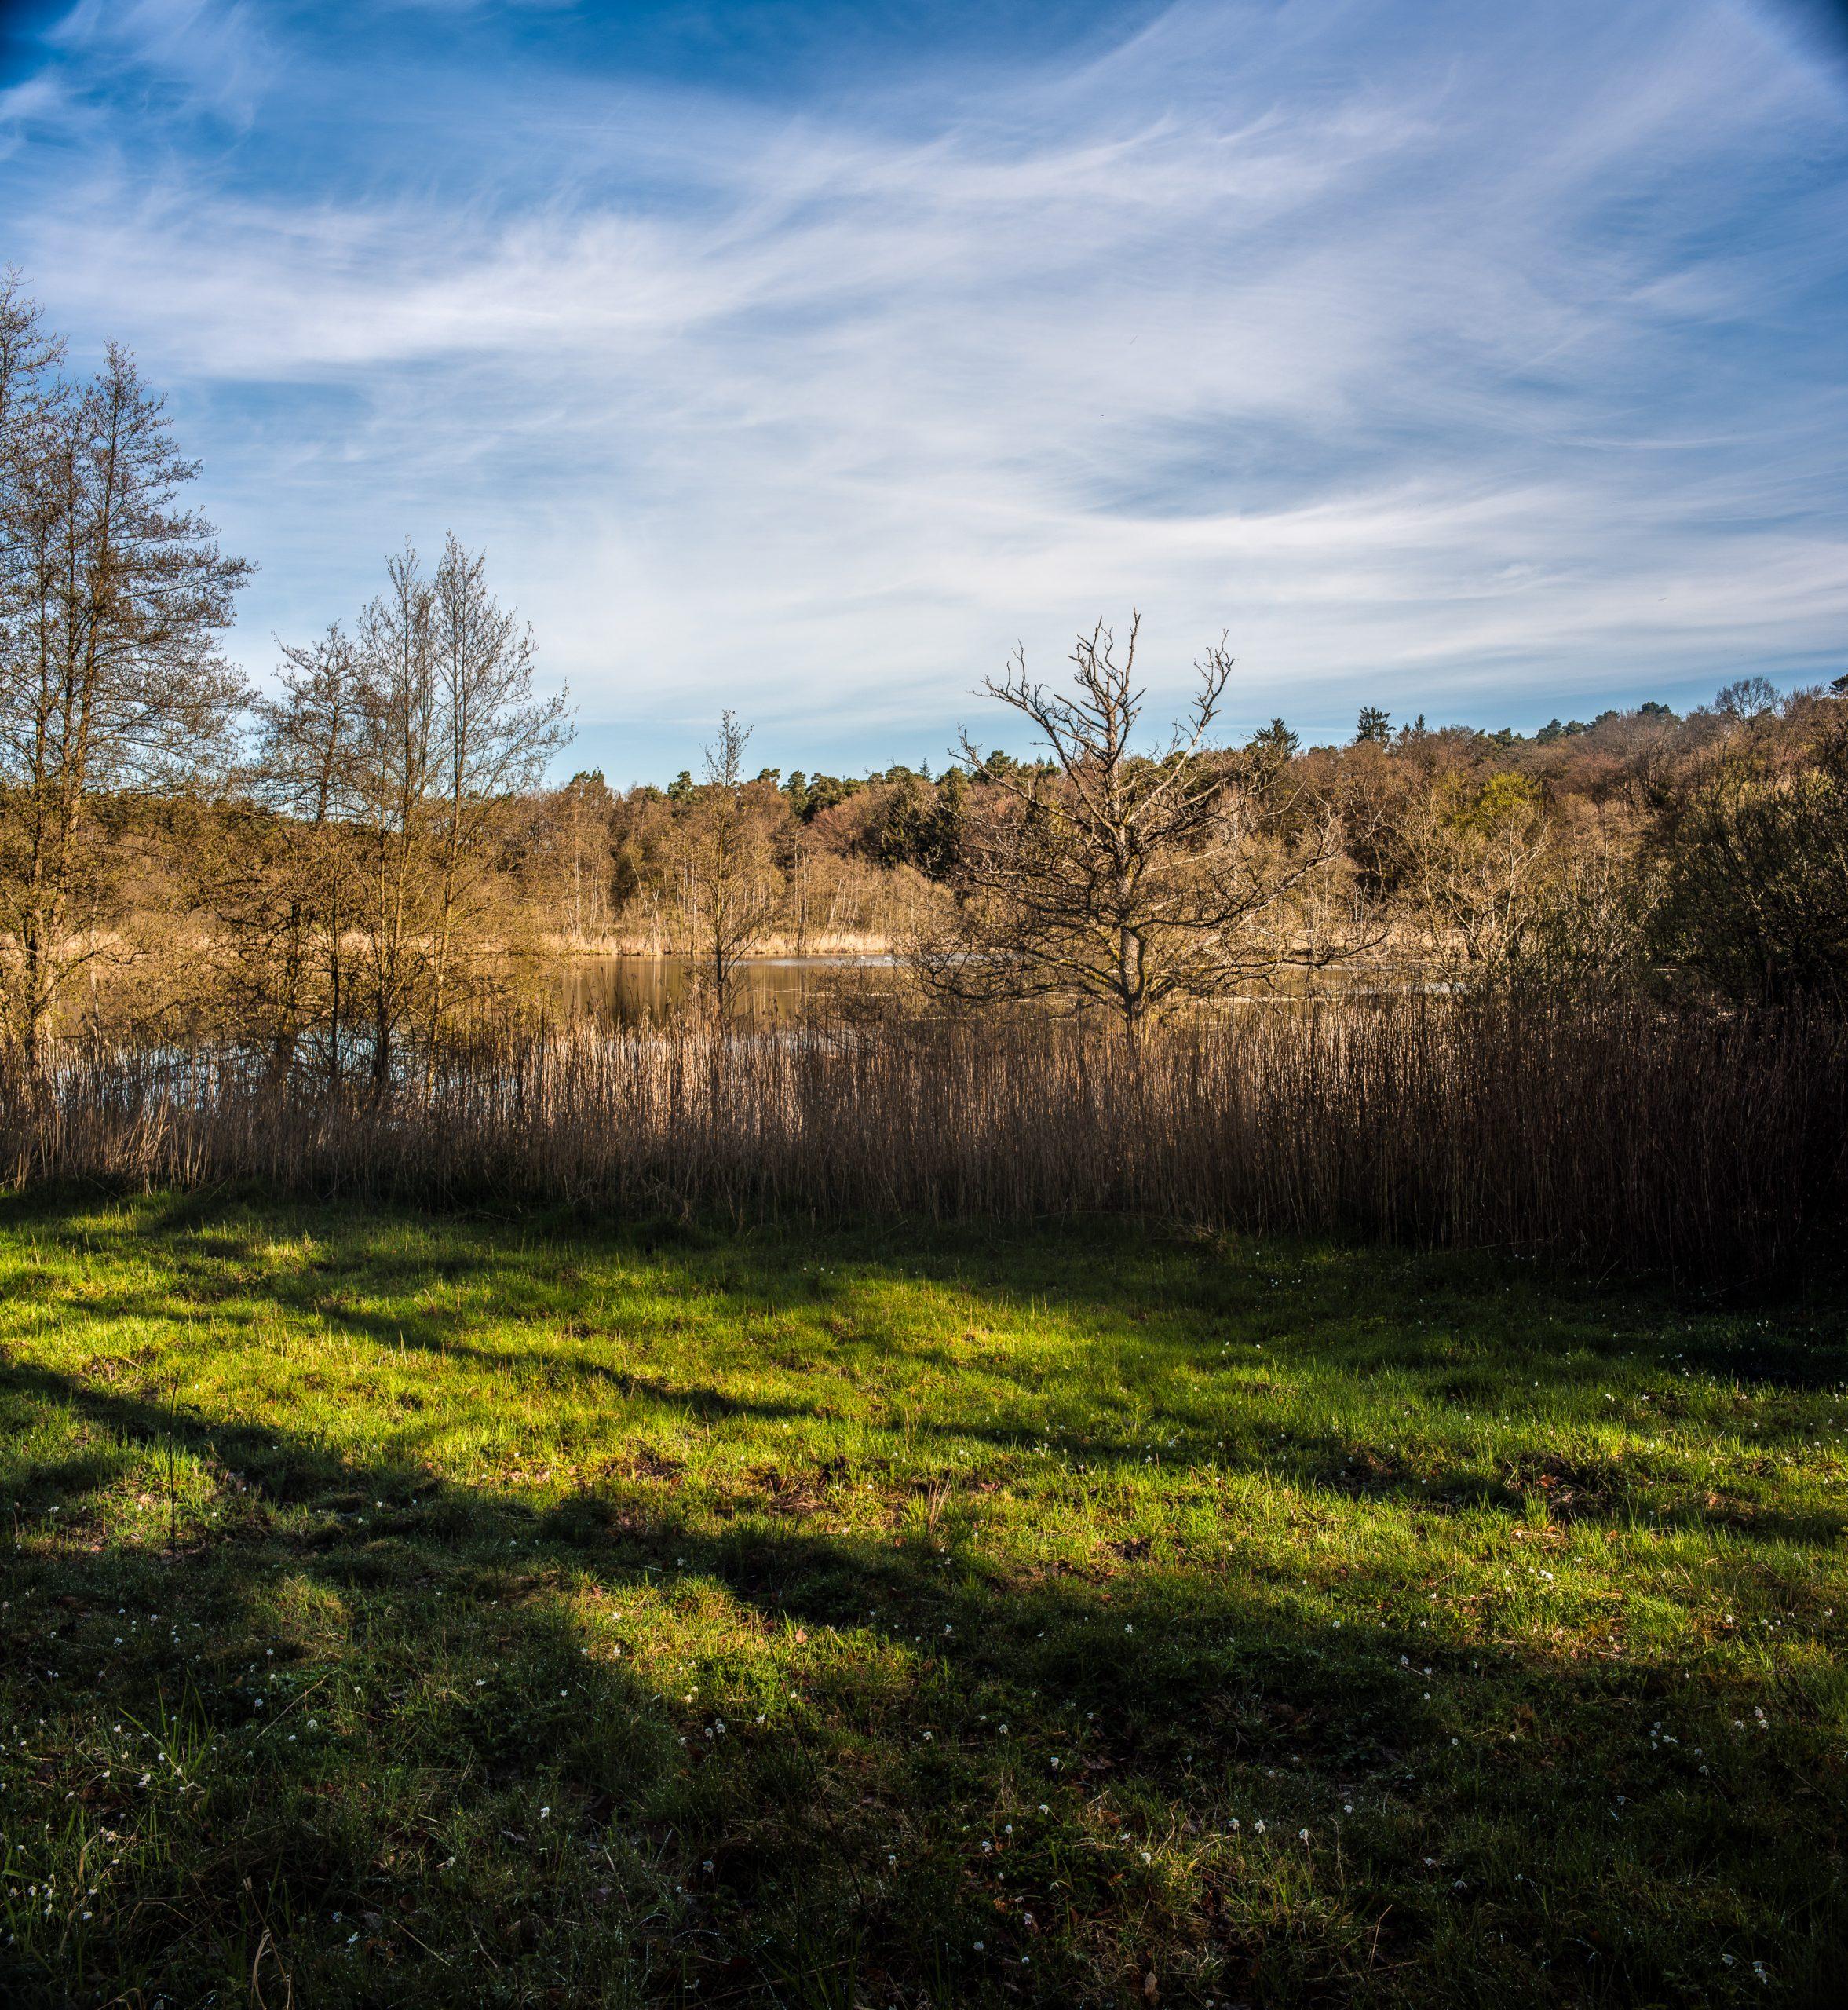 Der Lottsee liegt etwas abseits vom Weg und mit geschütztem Ufer, Vögel wissen das zu schätzen.